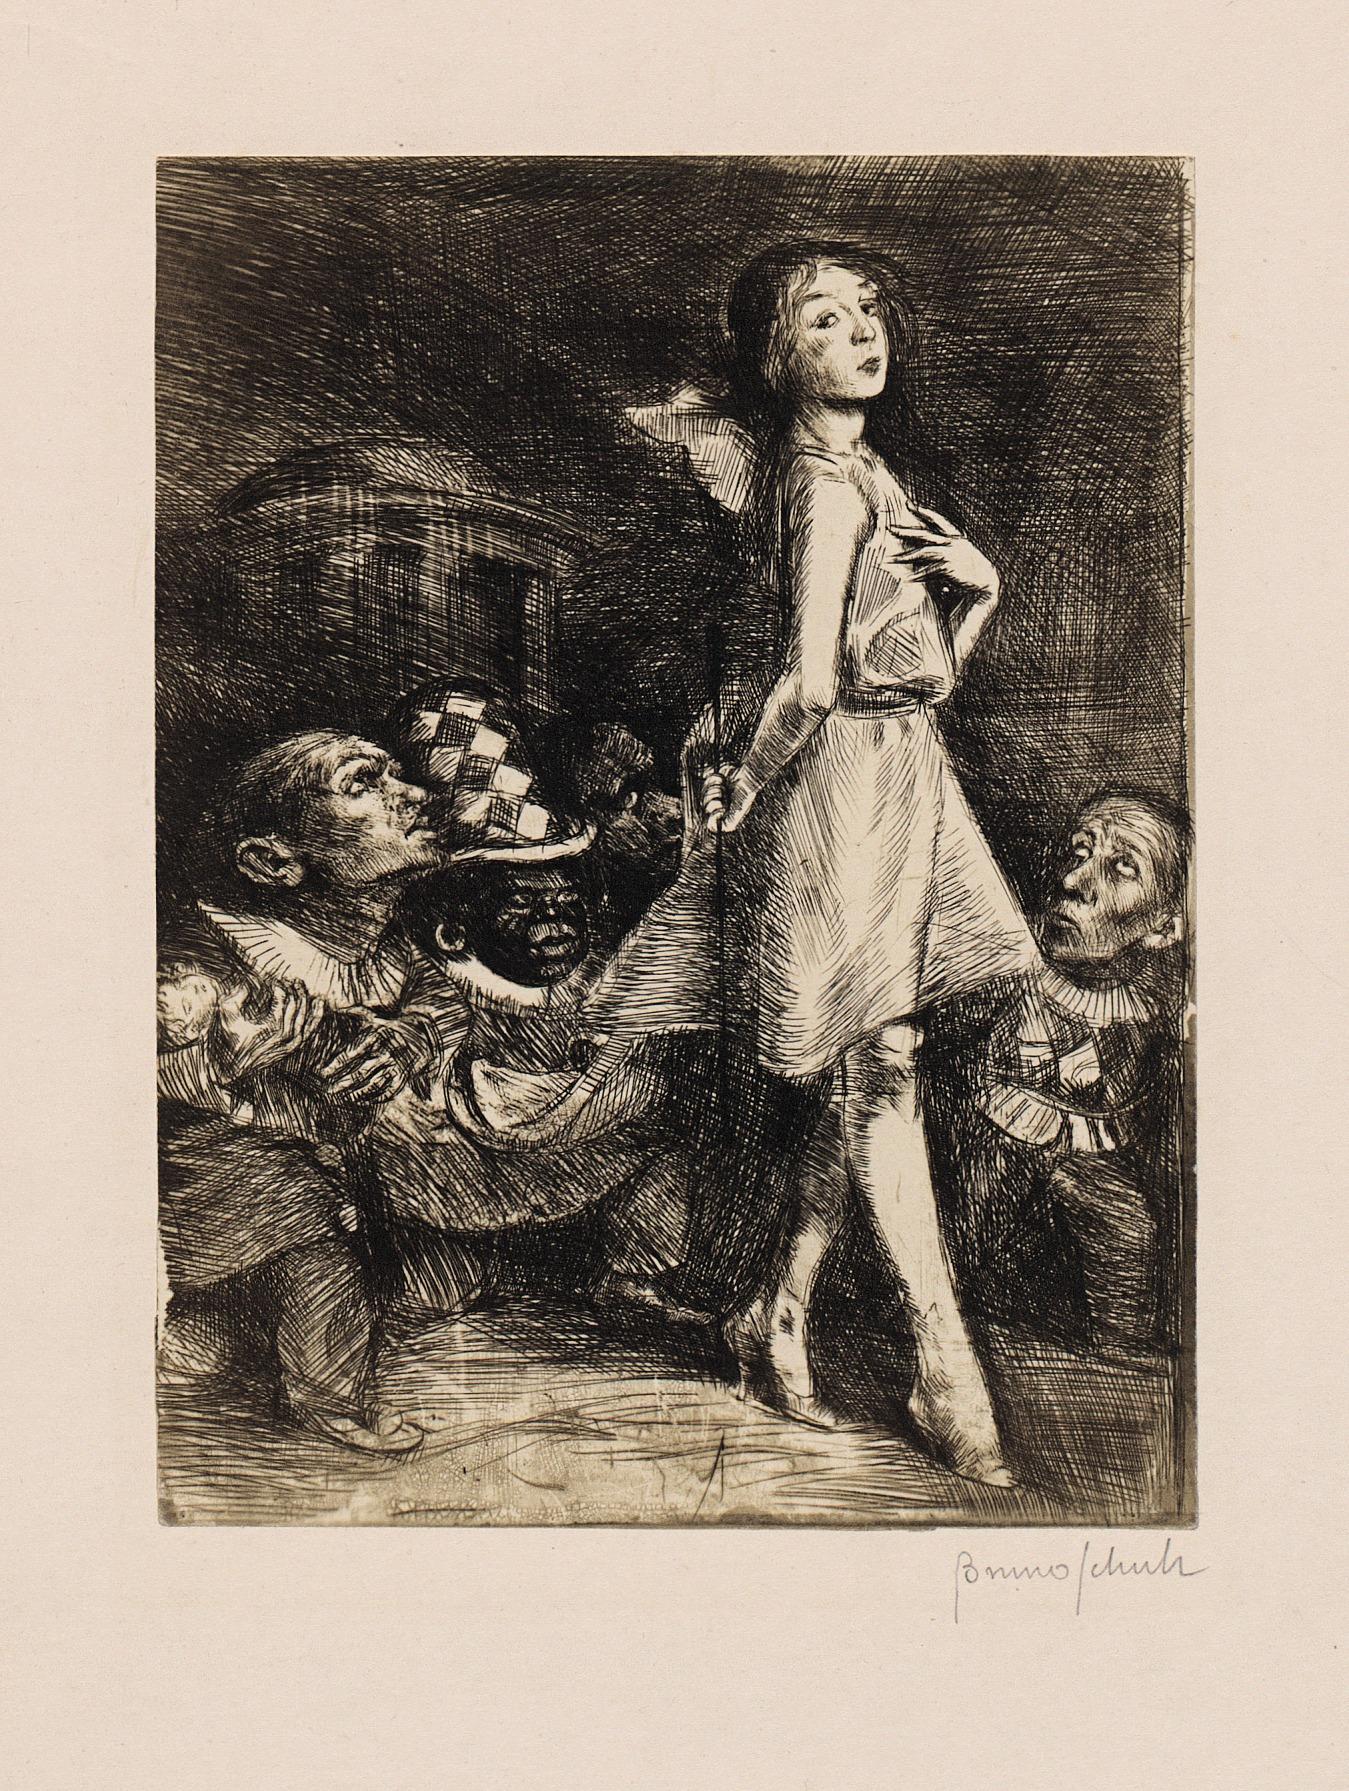 bruno-schulz-1922-the-infanta-and-her-dwarves Living inside a story